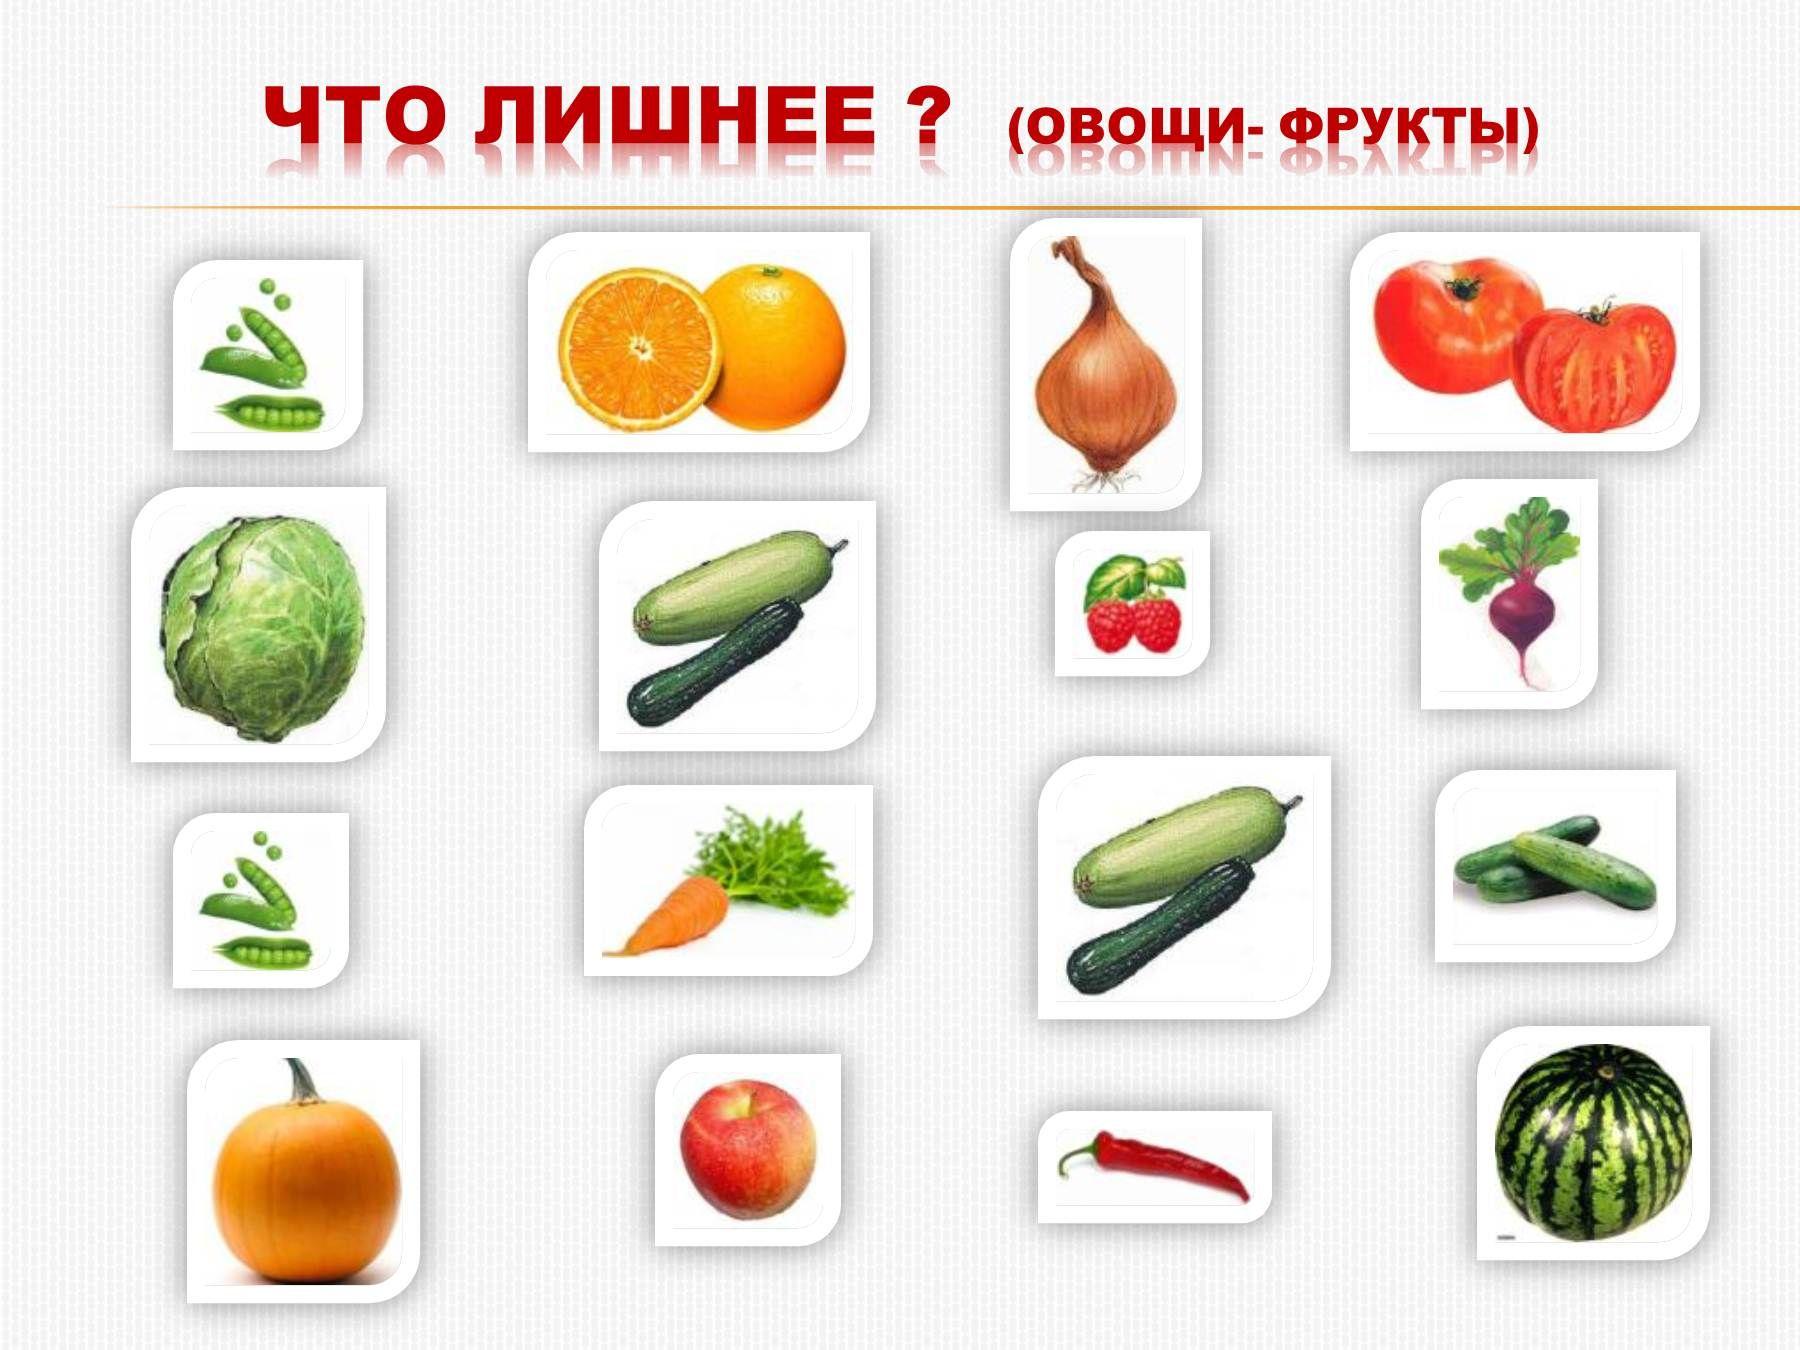 группы предметов овощи фрукты картинки кому такие вещи